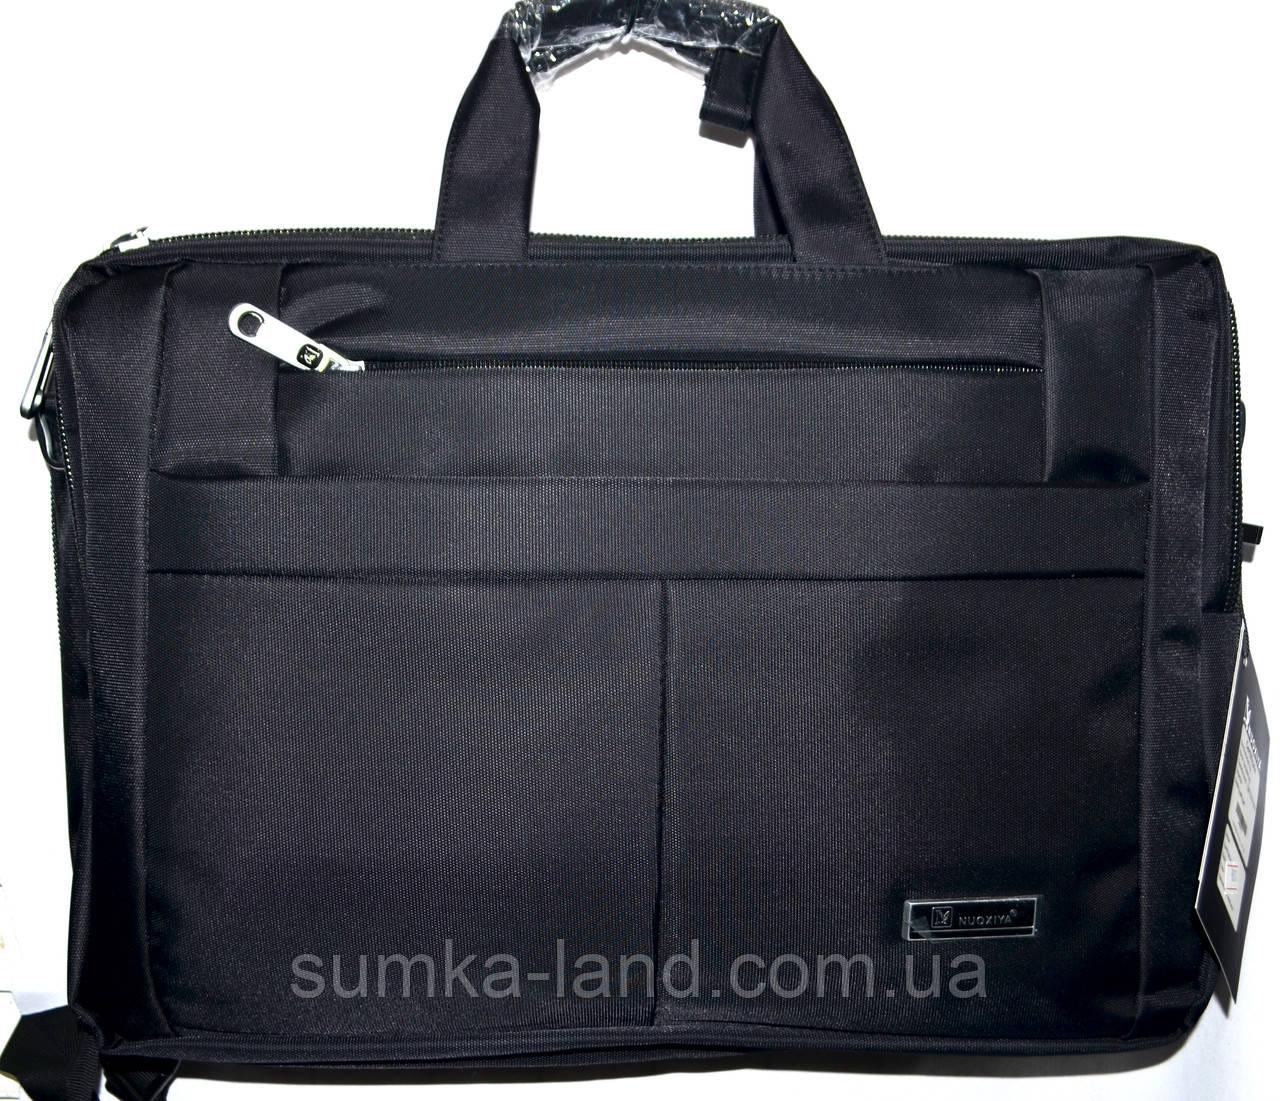 Трансформер, сумка - рюкзак для ноутбука черная 41*30 см